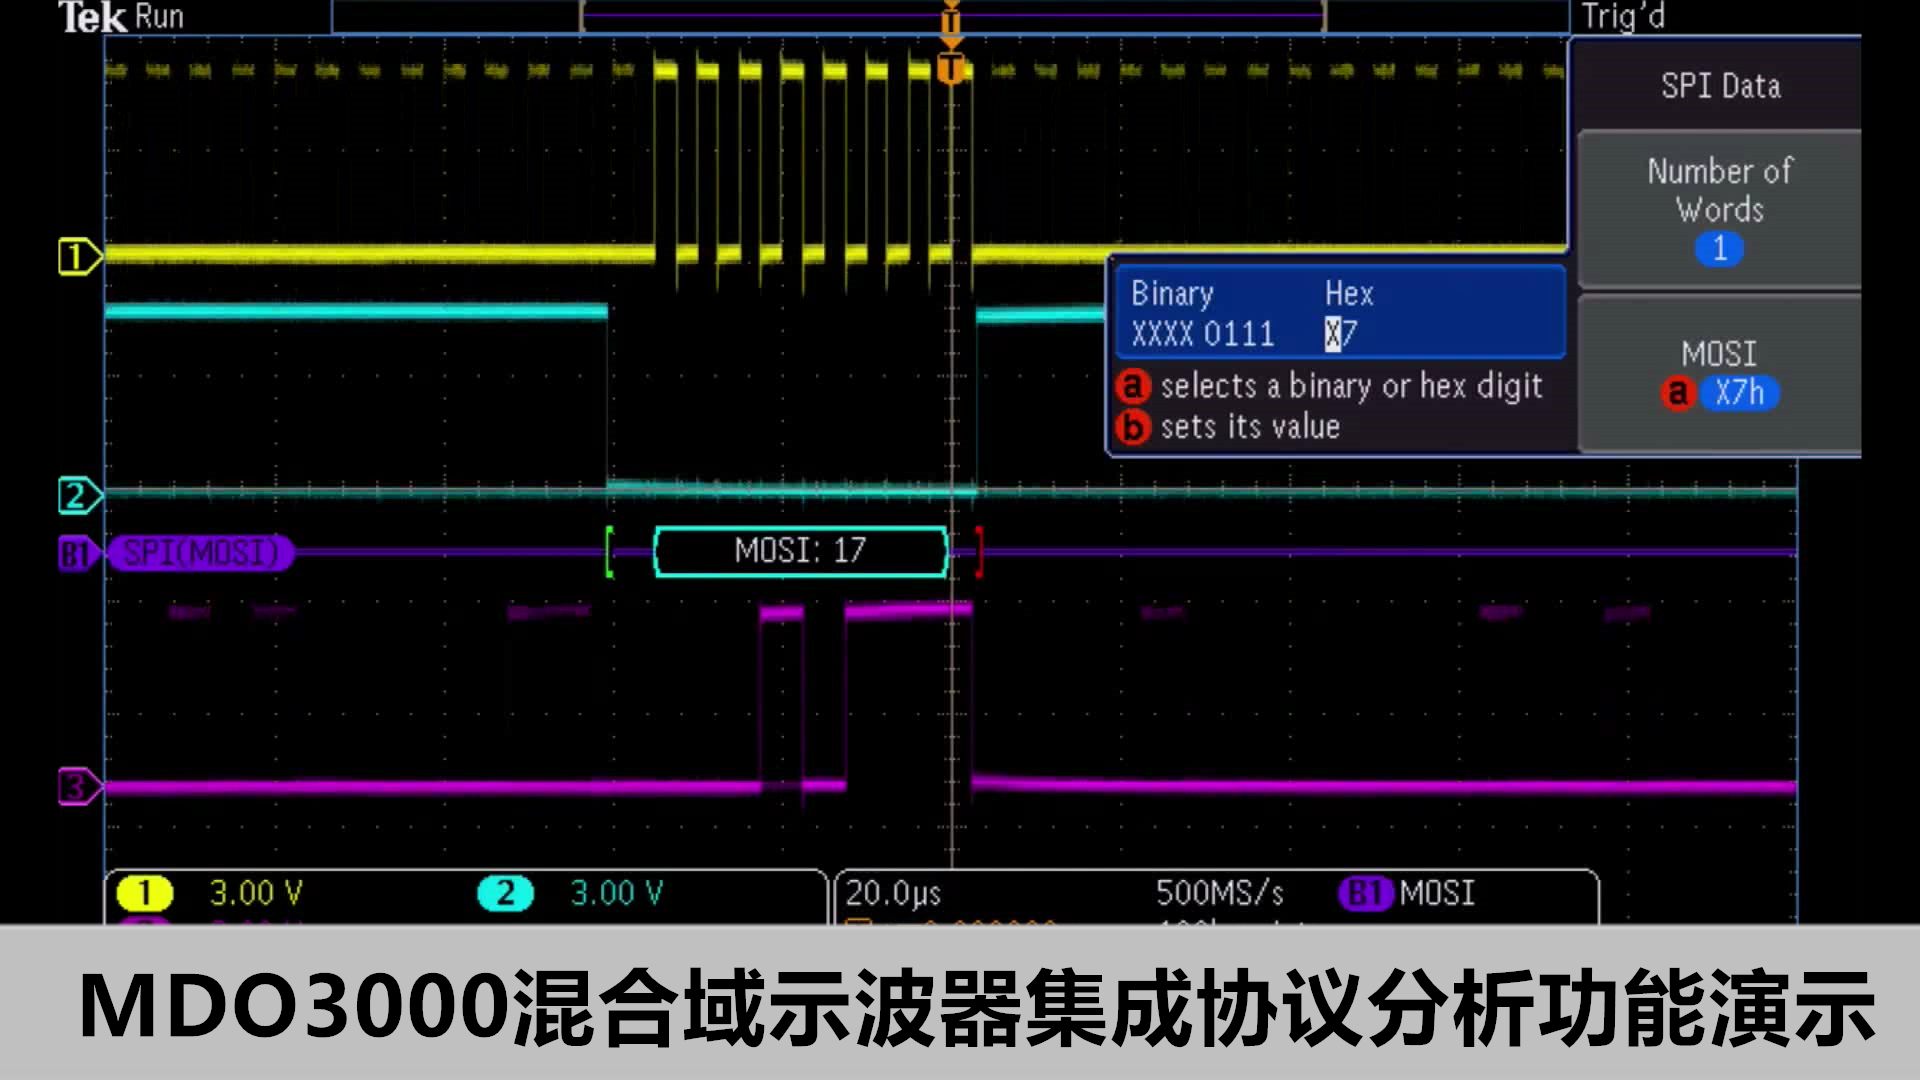 【示波器进阶教程实践篇】MDO3000混合域示波器集成协议分析功能演示